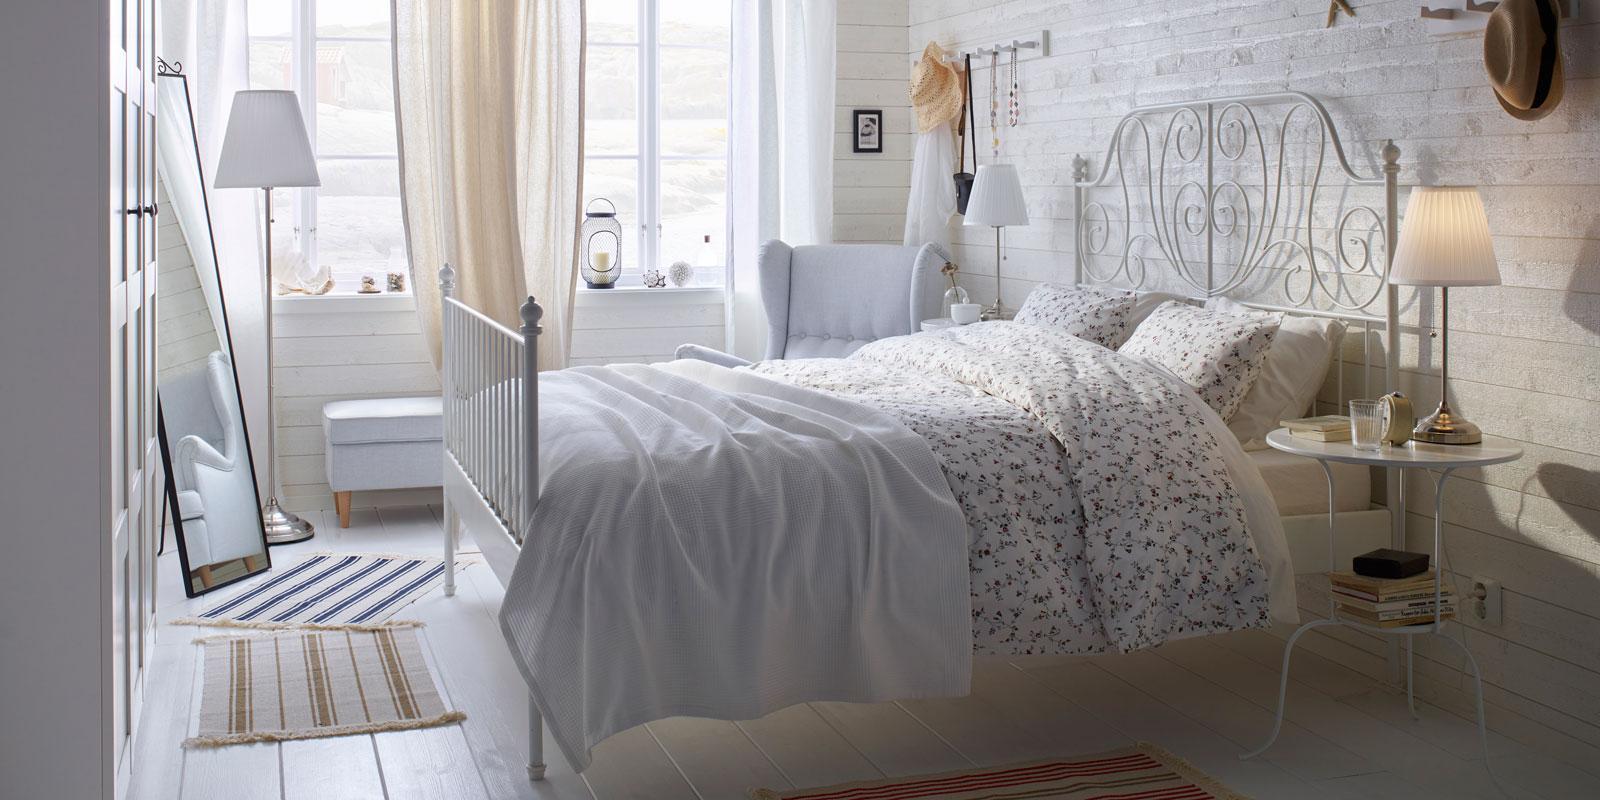 armadio barocco in legno noce intarsiato rivisitato in stile shabby chic colore bianco. Camera Shabby Chic Dal Letto Allo Specchio Cose Di Casa